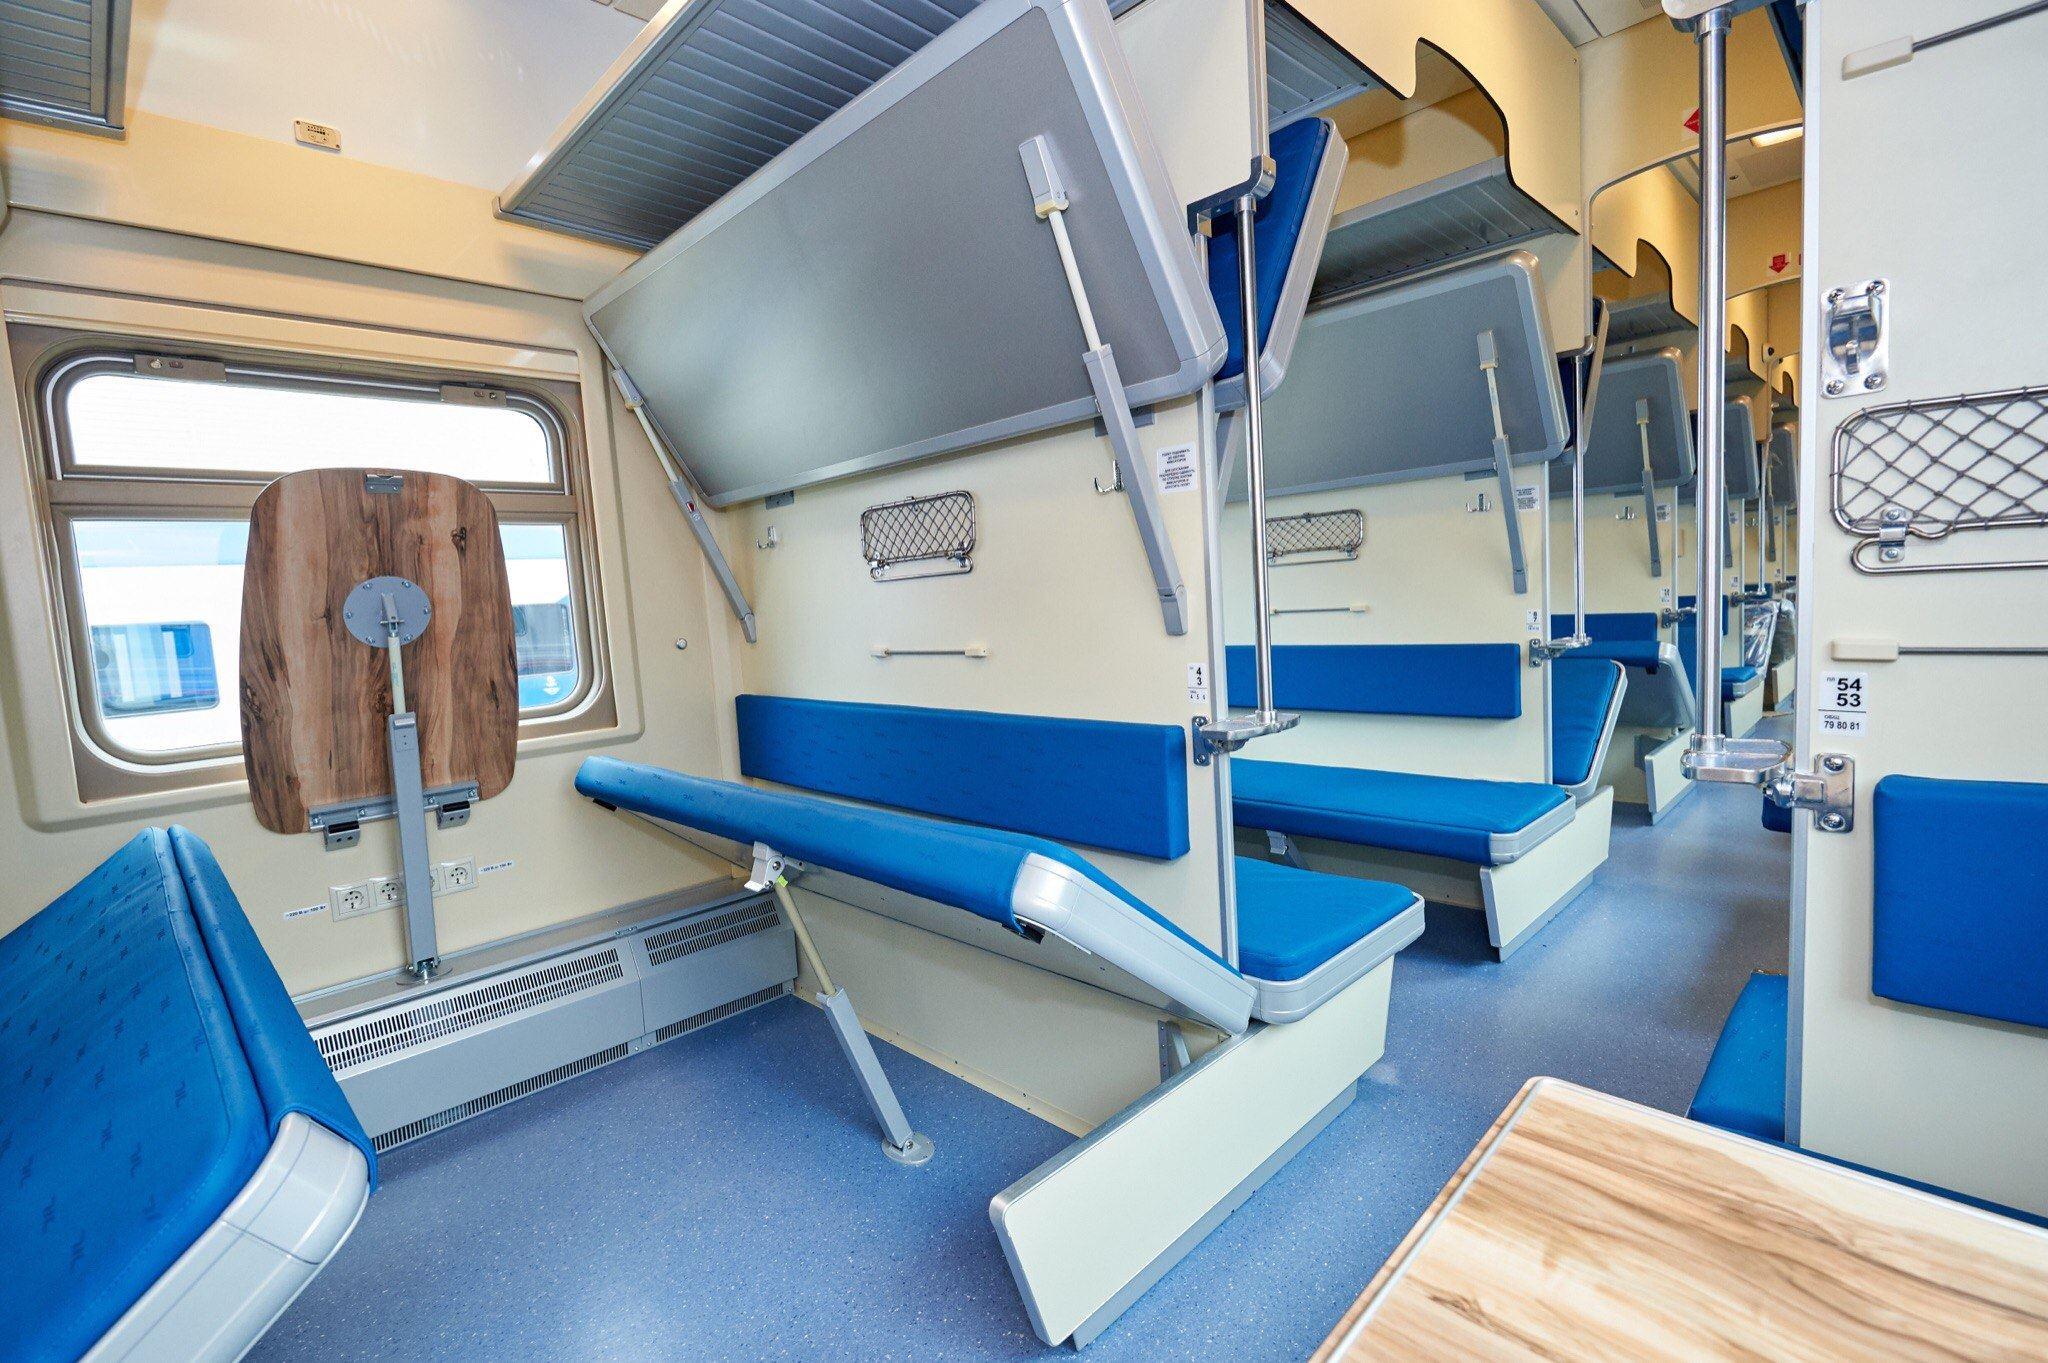 как выглядят плацкартные места в поезде фото продукцию